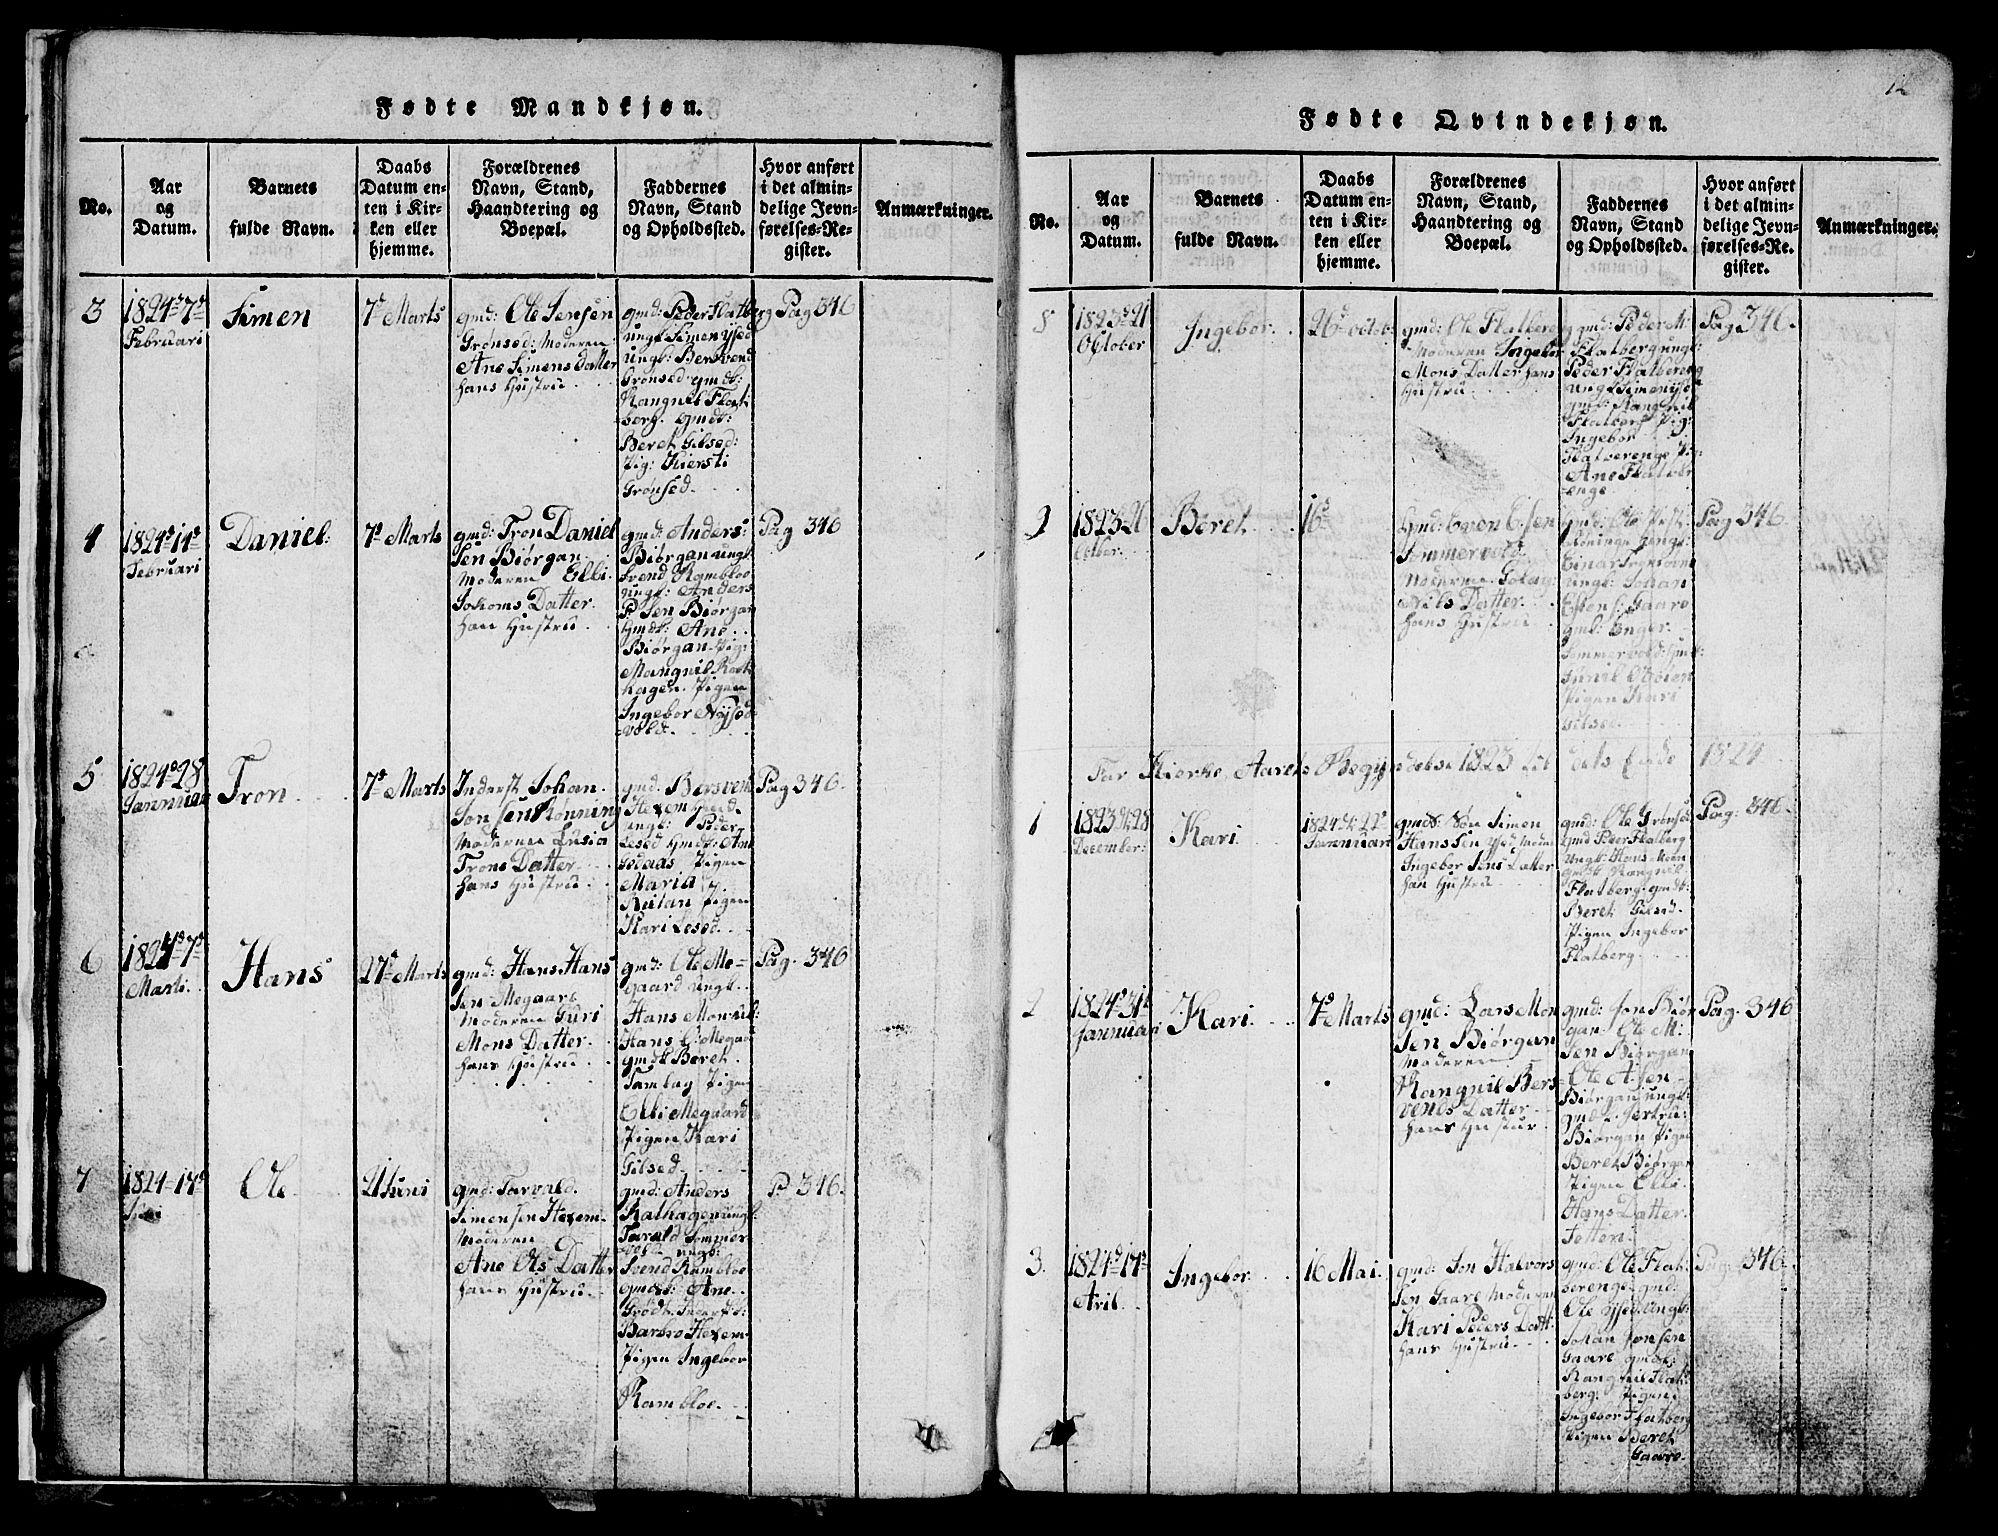 SAT, Ministerialprotokoller, klokkerbøker og fødselsregistre - Sør-Trøndelag, 685/L0976: Klokkerbok nr. 685C01, 1817-1878, s. 12